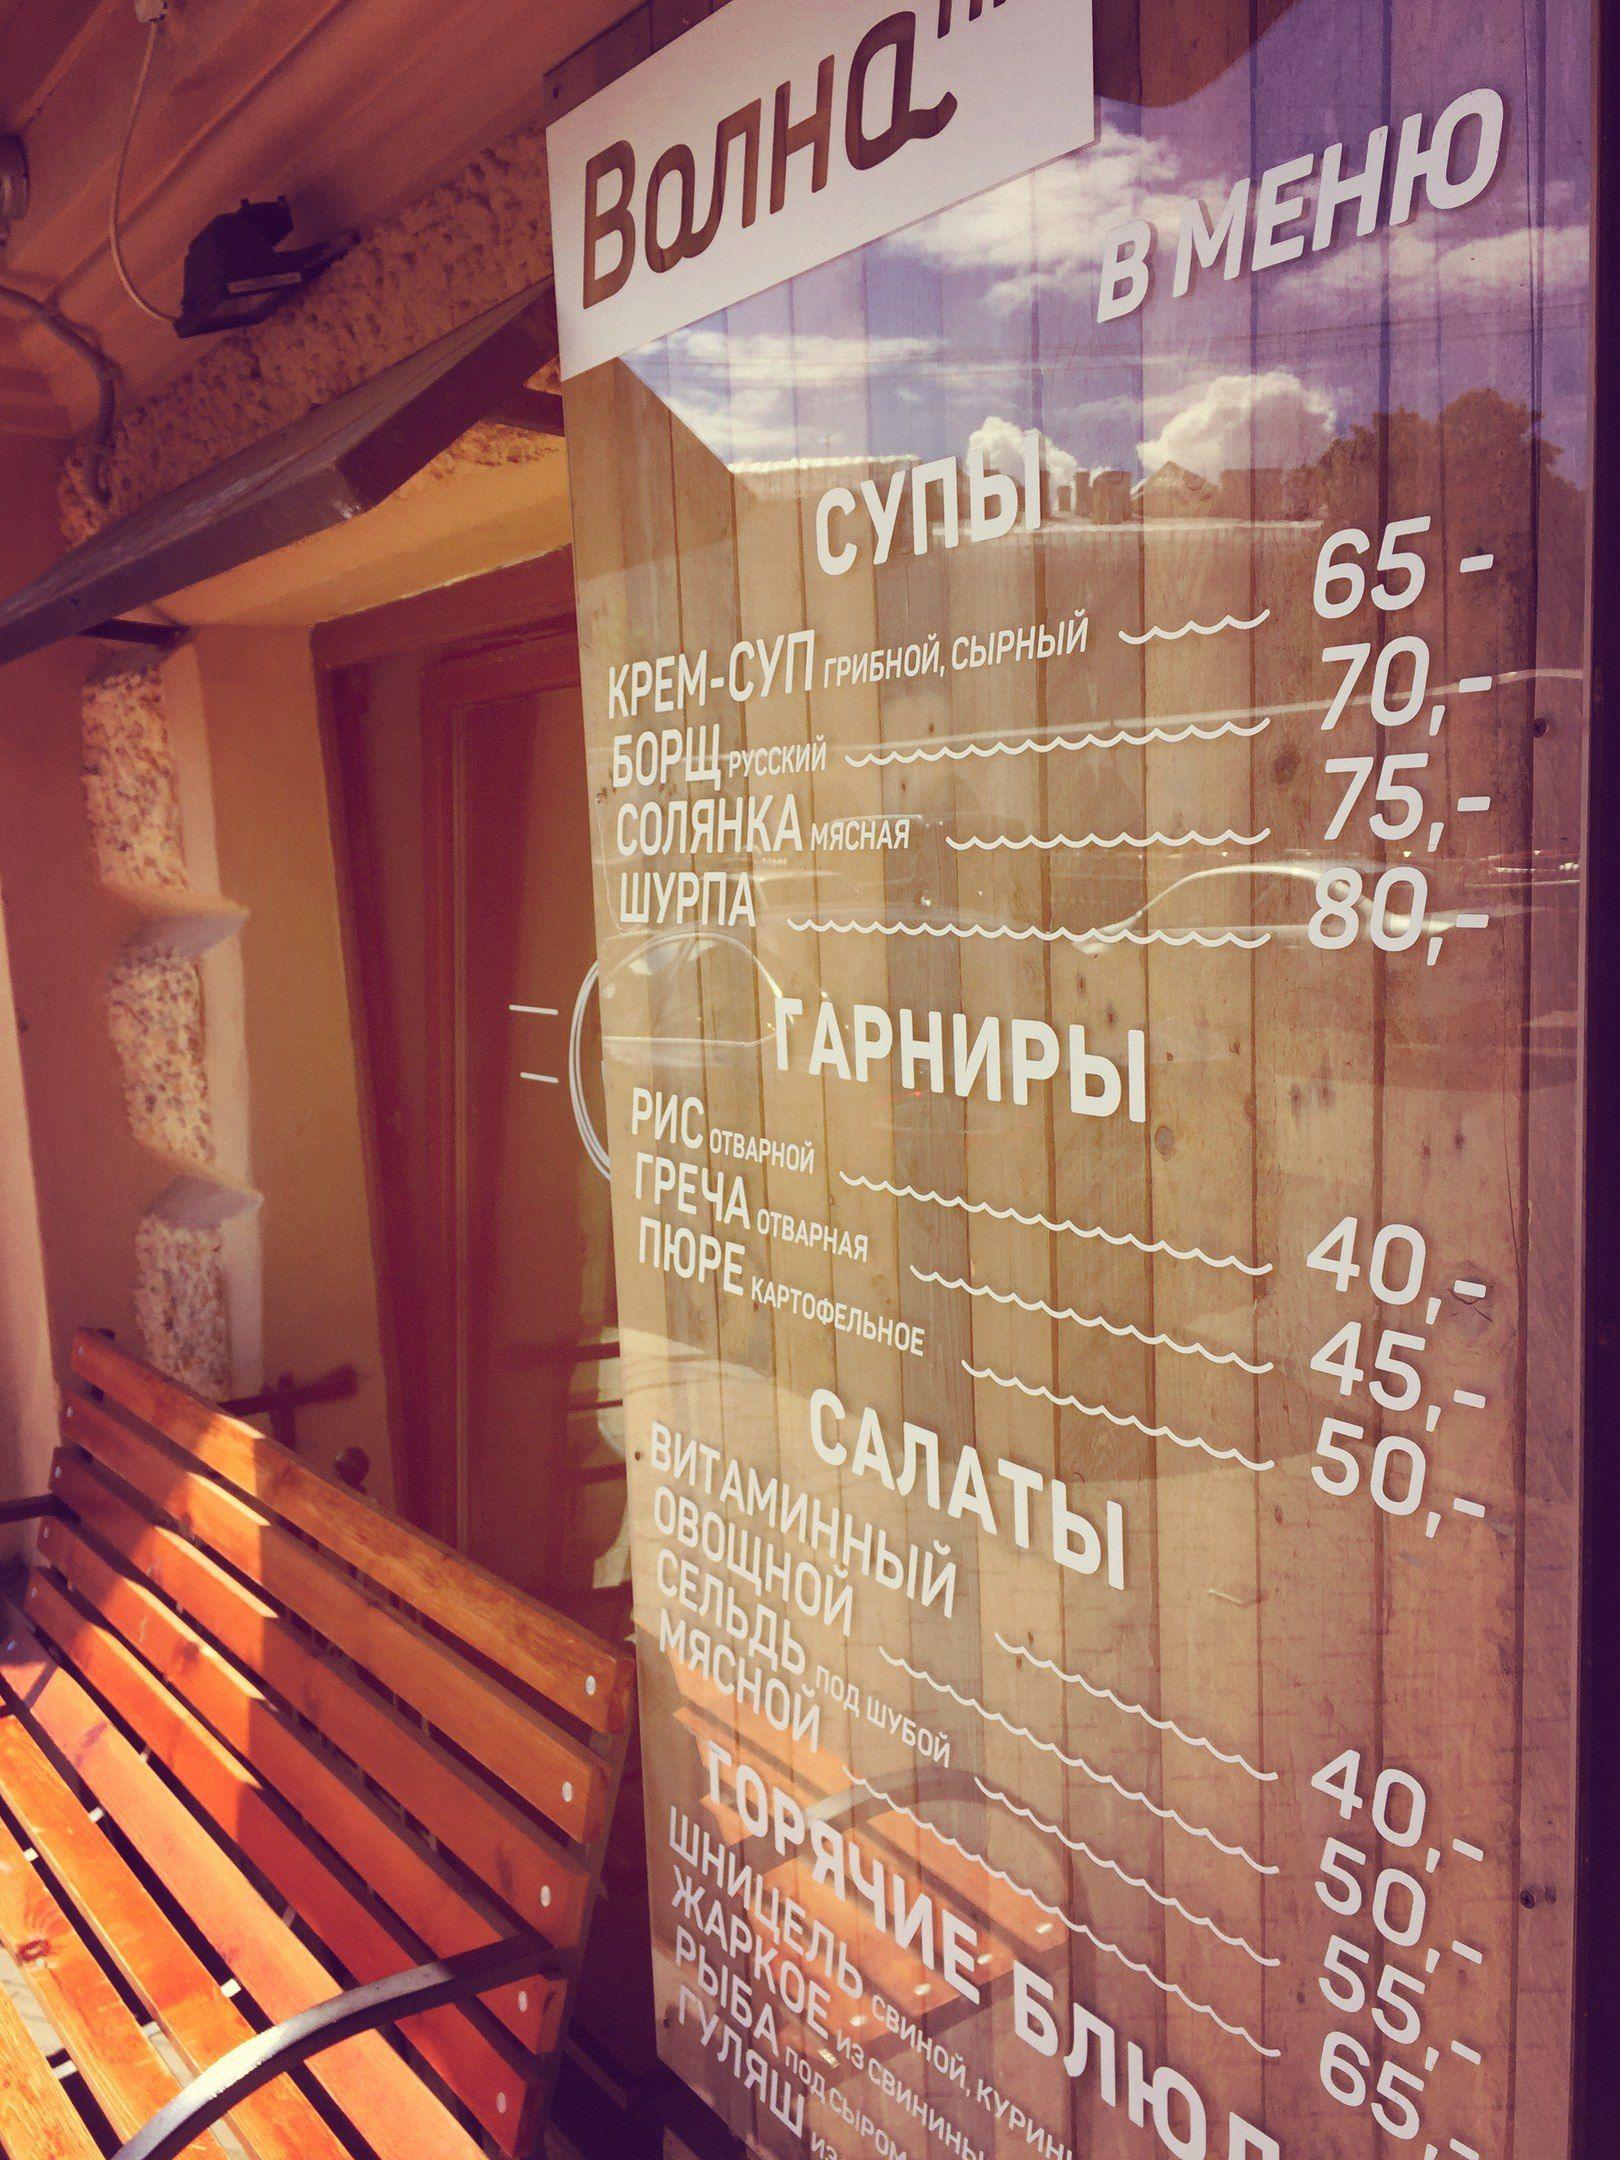 Сеть столовых «Волна fm» #Брендирование фасада #Наружные вывески #Объемные буквы #Фасадное меню #Аль-Шарк #Дизайн #Изготовление #Монтаж #Согласование